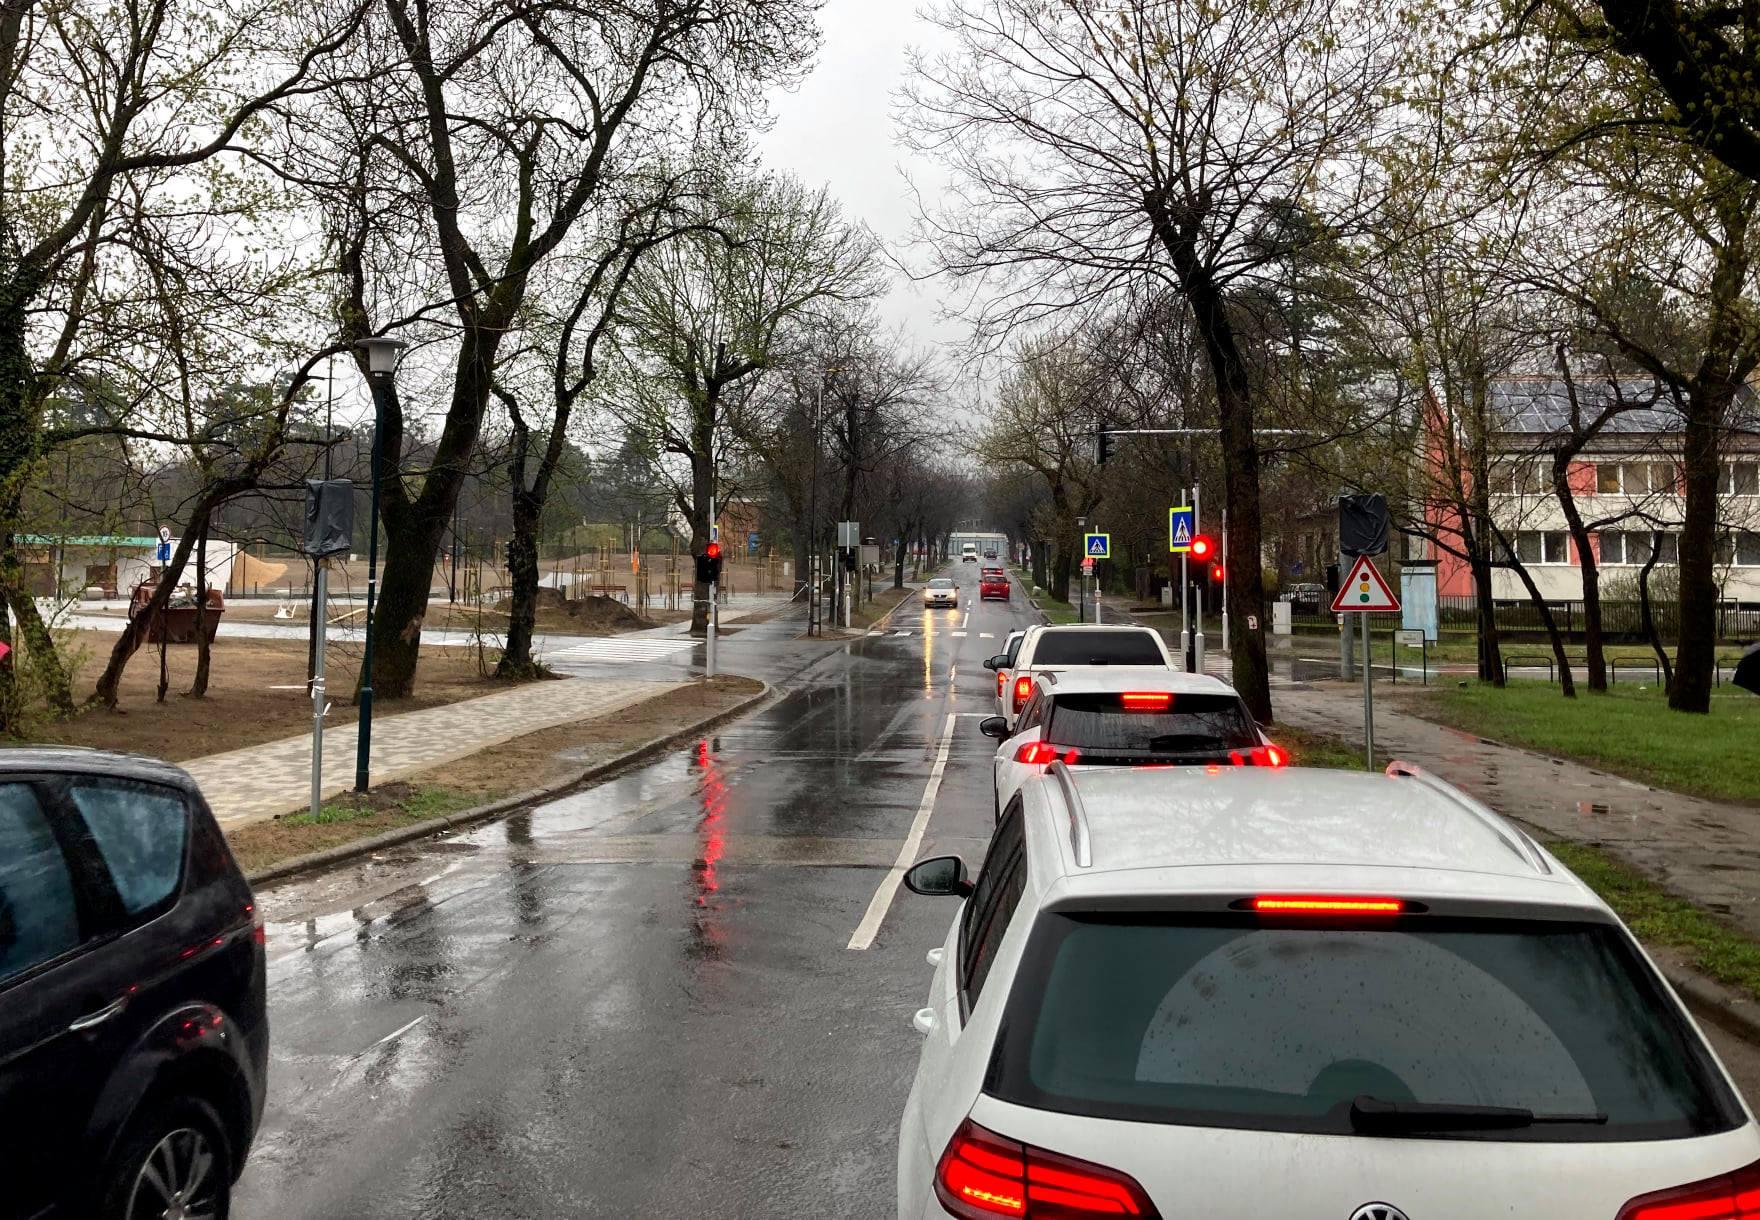 Ma bekapcsolták az Ady Endre sétány és az Isaszegi út csomópontjában kiépített közlekedési lámpákat